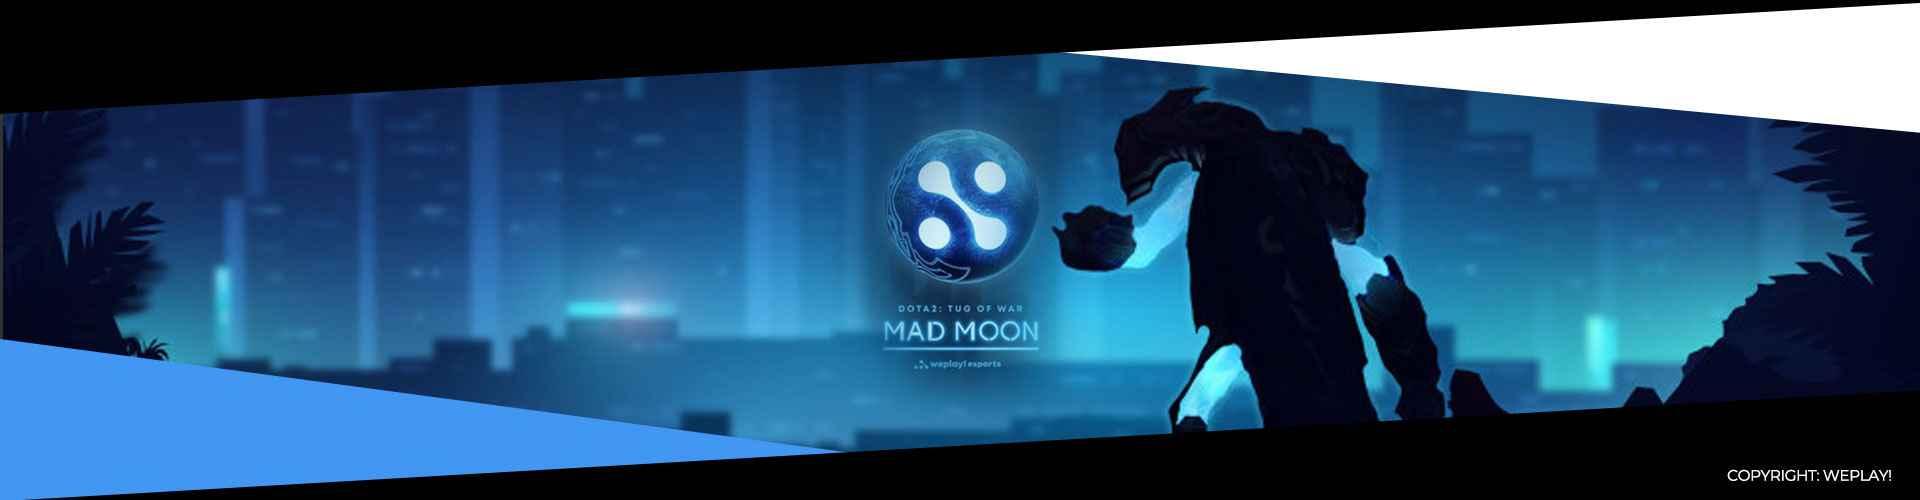 Eventsida för WePlay! Tug of War: Mad Moon.